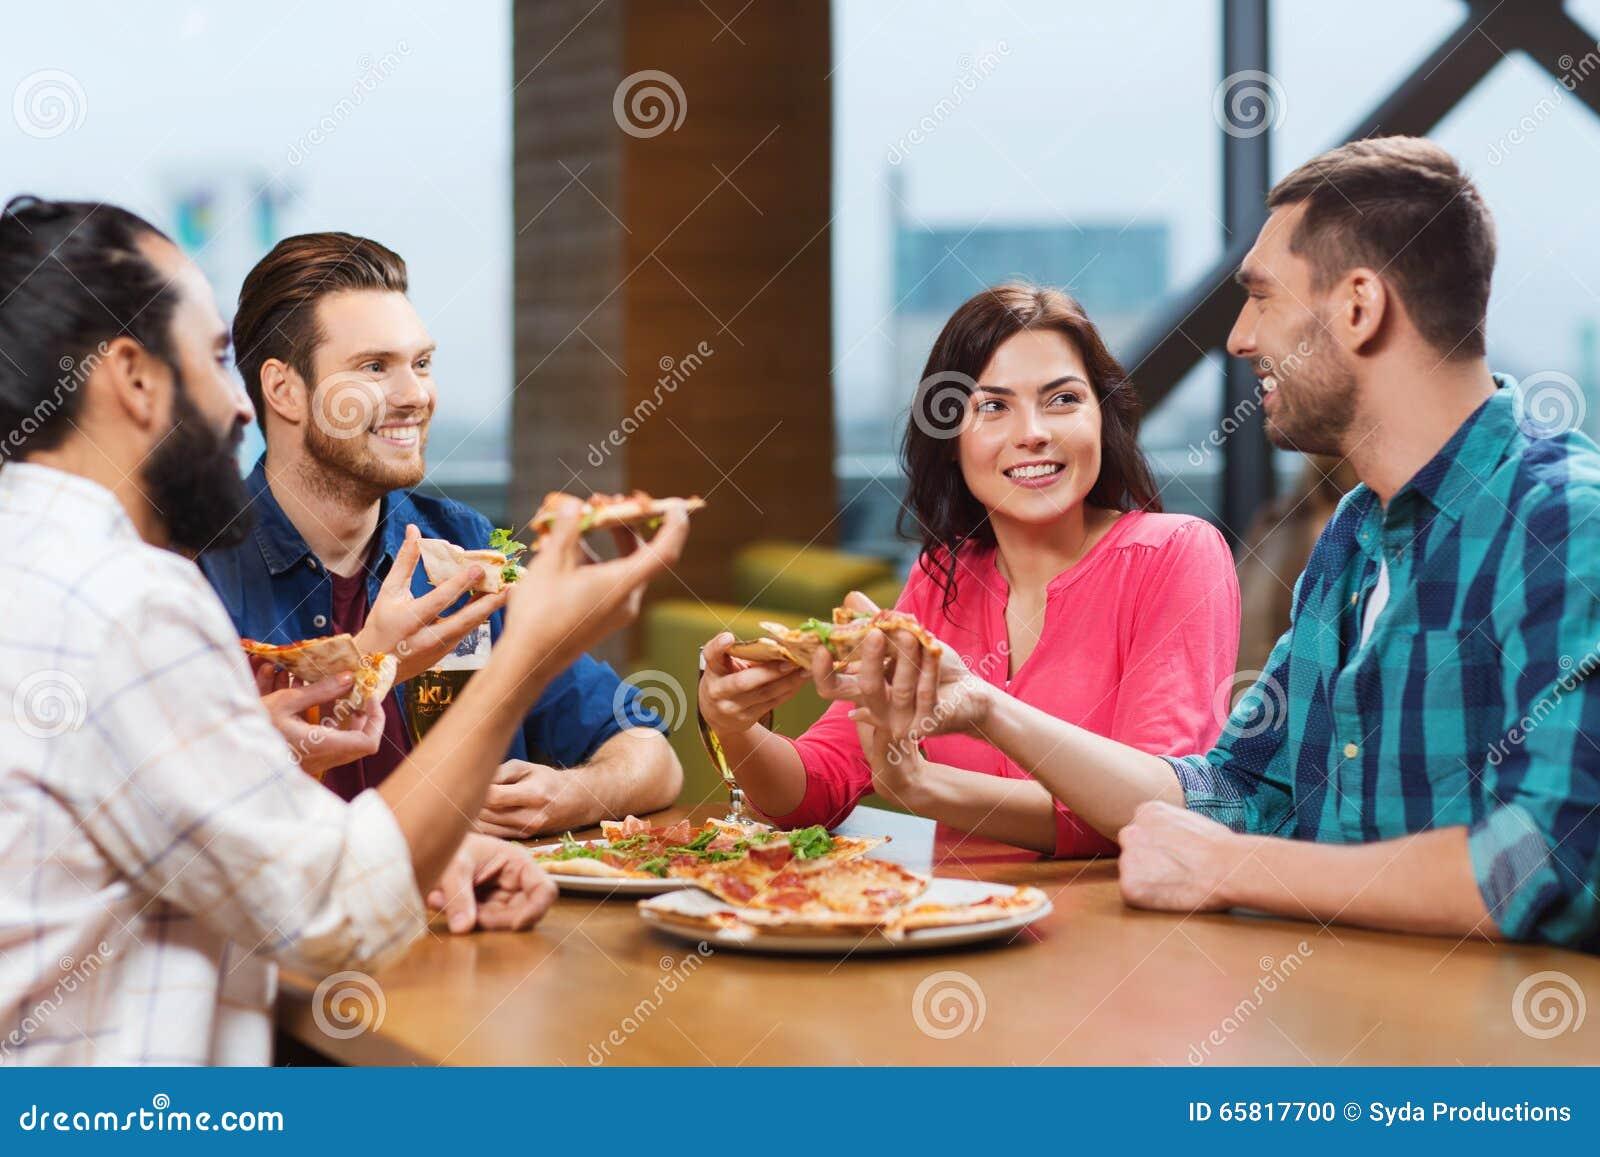 Glückliche Freunde essen im Restaurant — Stockfoto © Syda